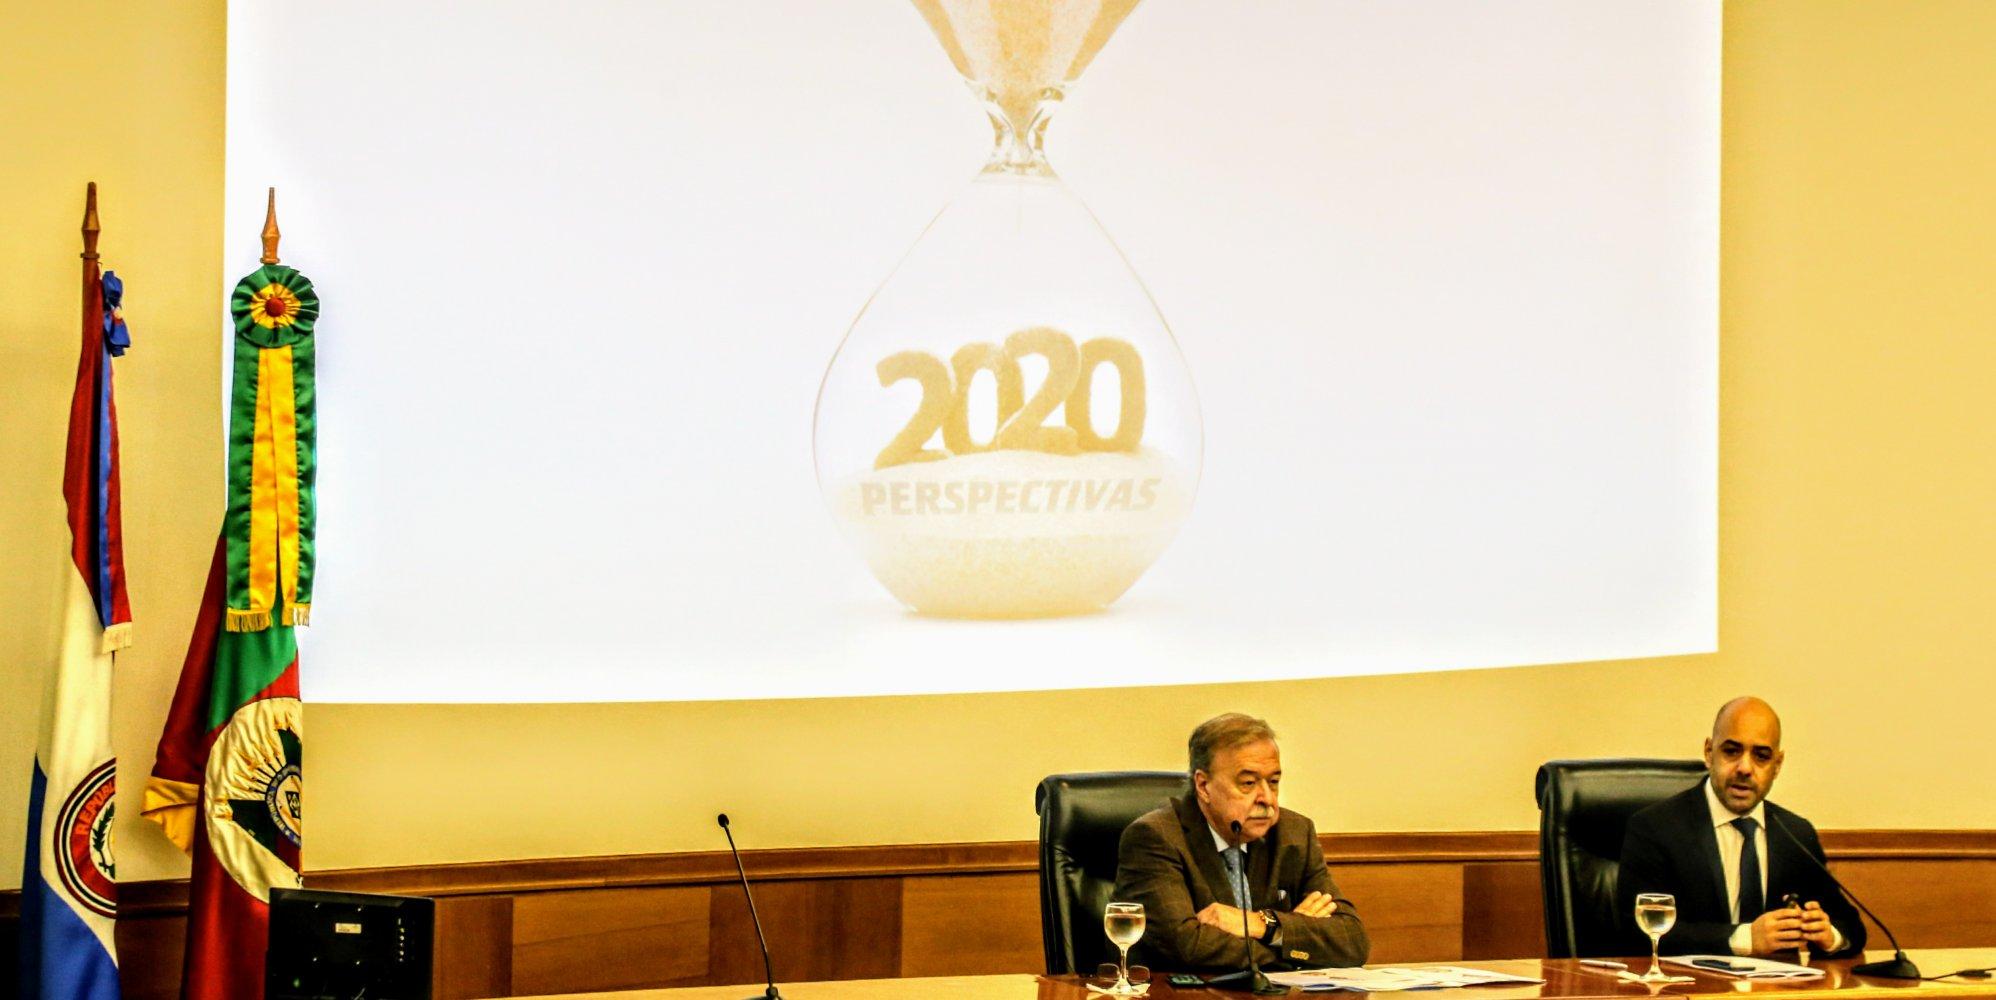 Balanço 2019 e Perspectivas 2020